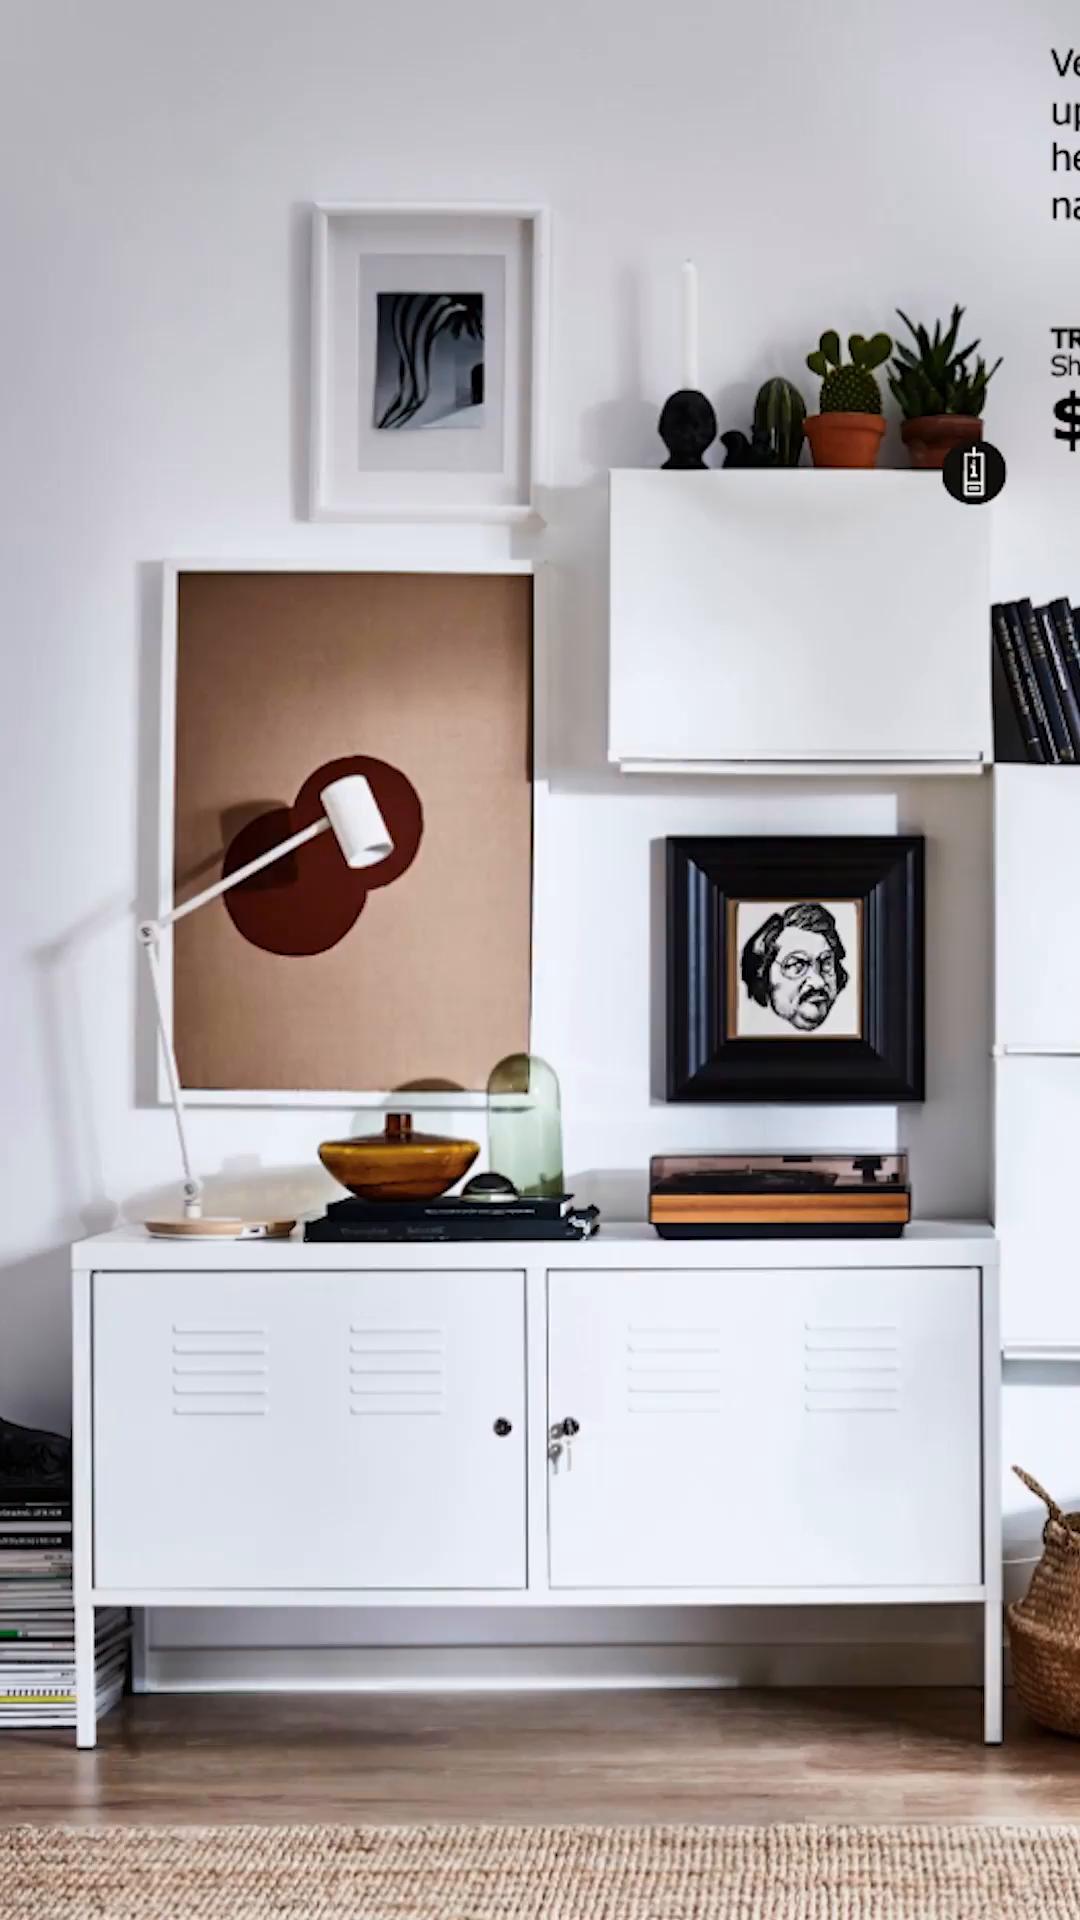 Home & Design Videos - undefined 9 | Tastemade